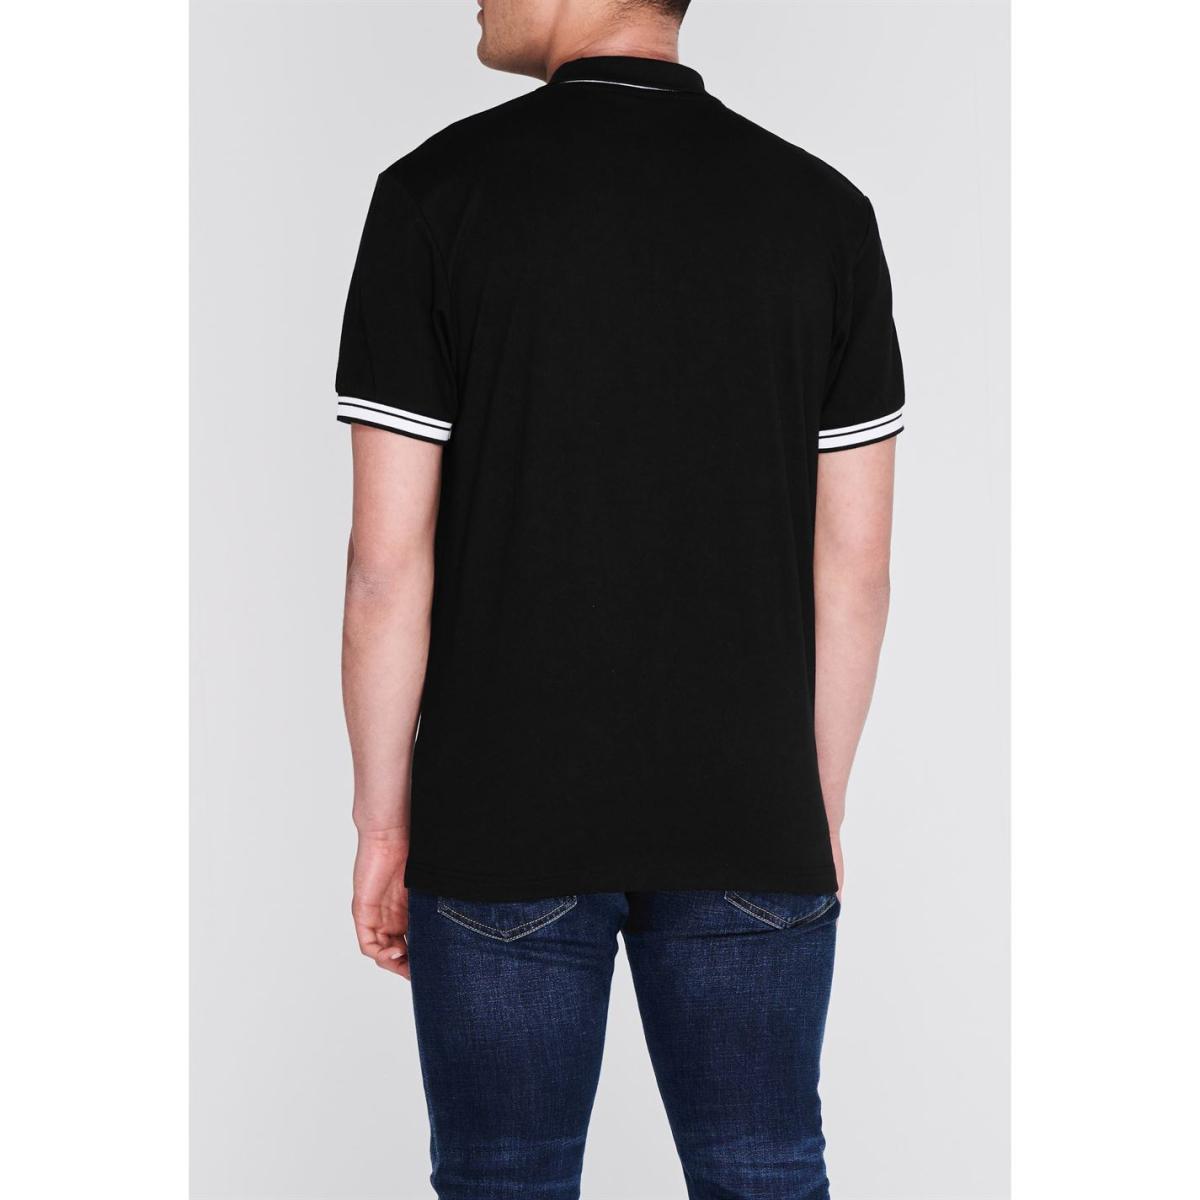 Lonsdale Poloshirt Polohemd Herren Polo Shirt Freizeit T-shirt Kurzarm Jersey 09